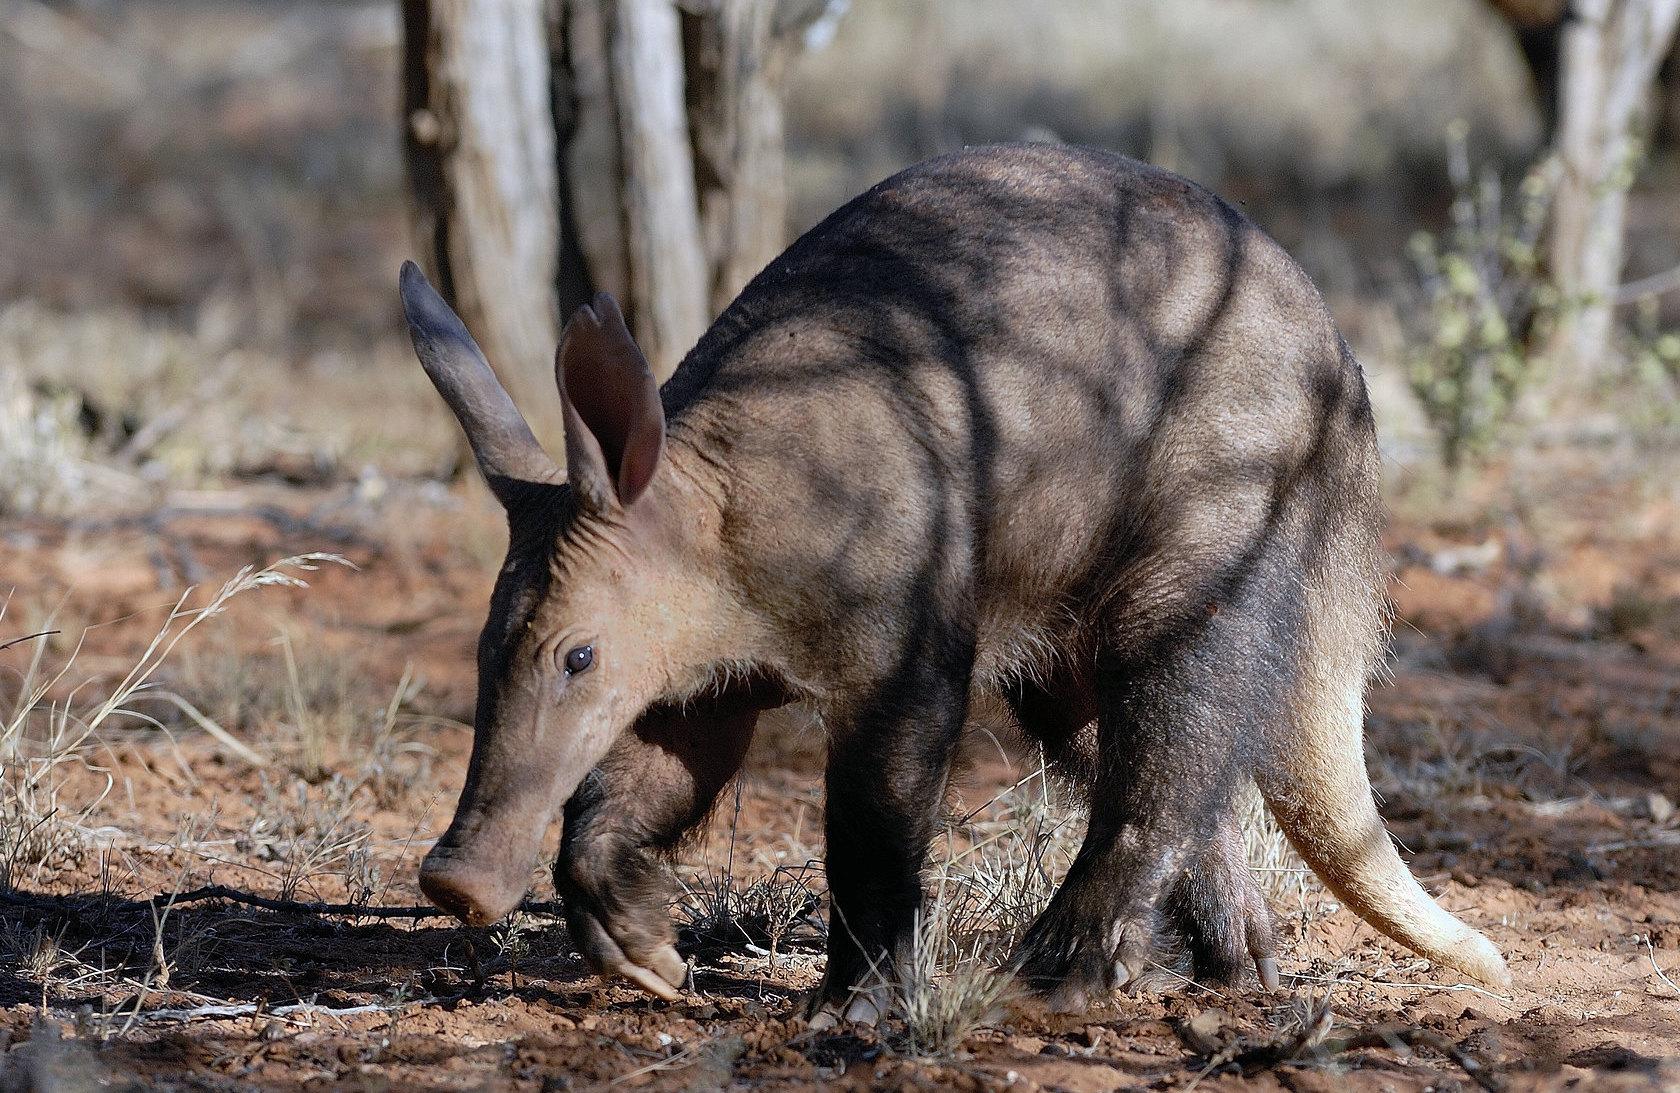 Aardvark in Namibia